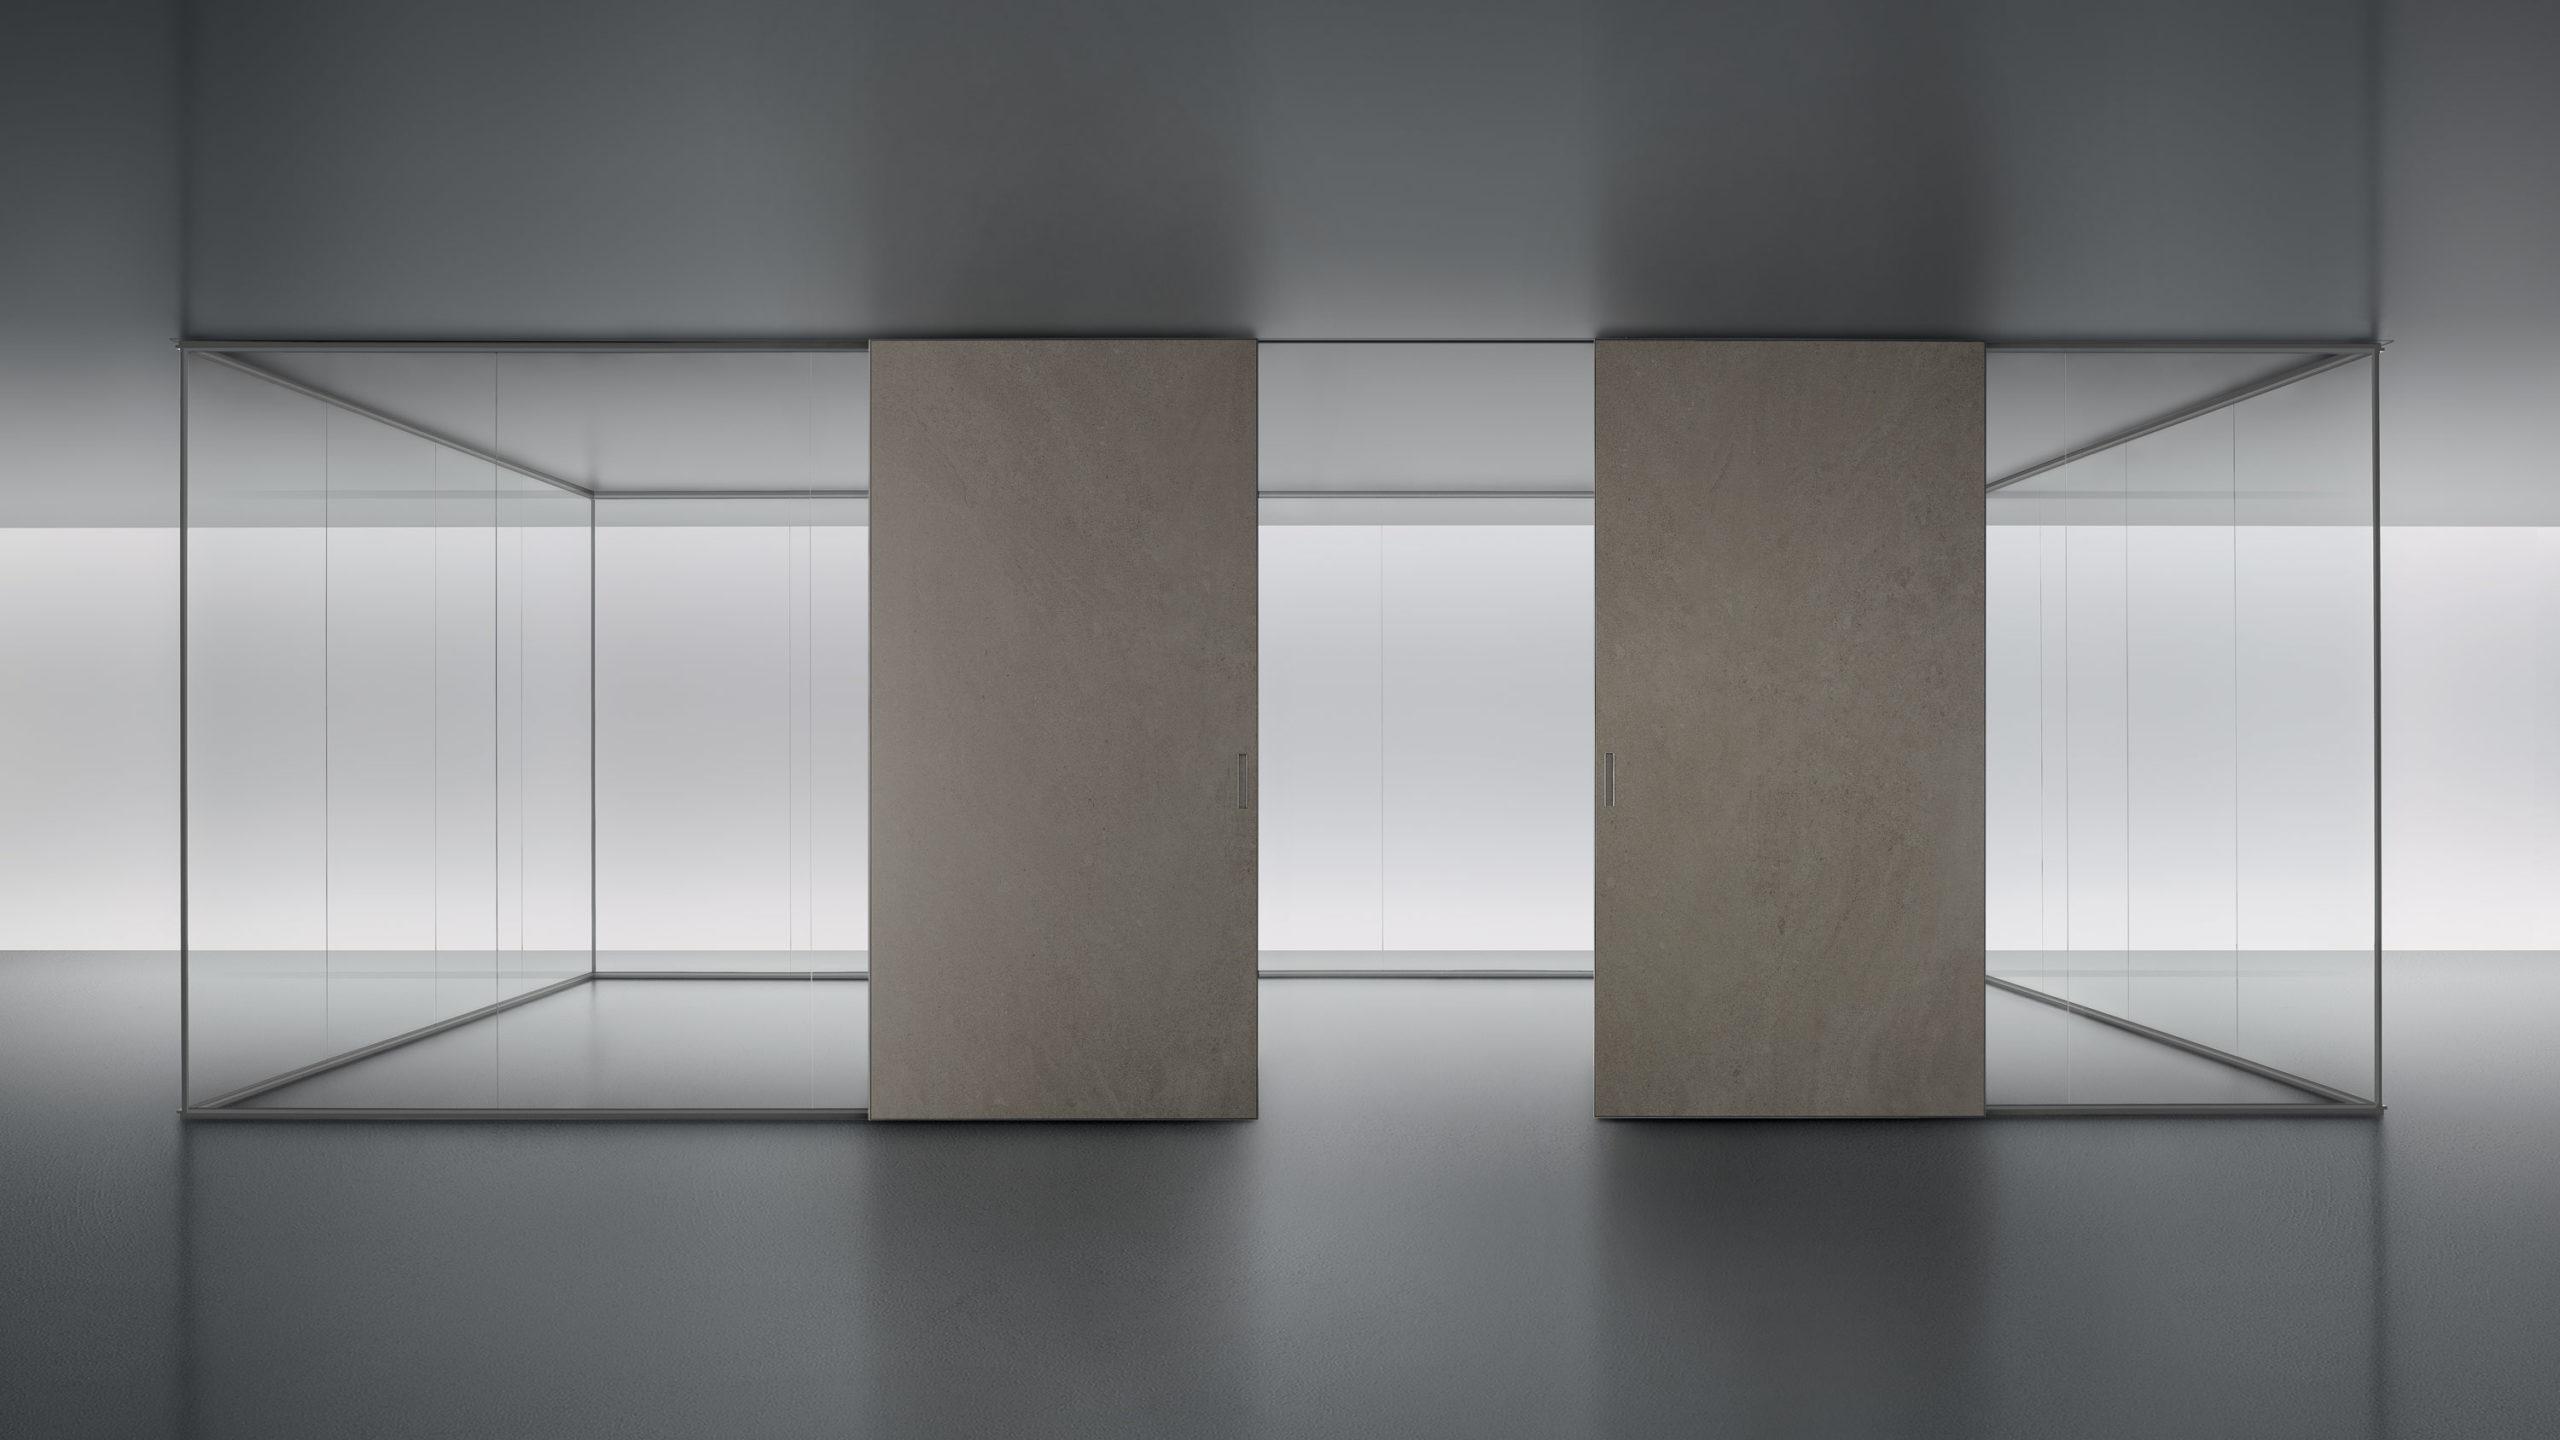 sistema paredes divisor Spazio de Rimadesio Graphis Plus